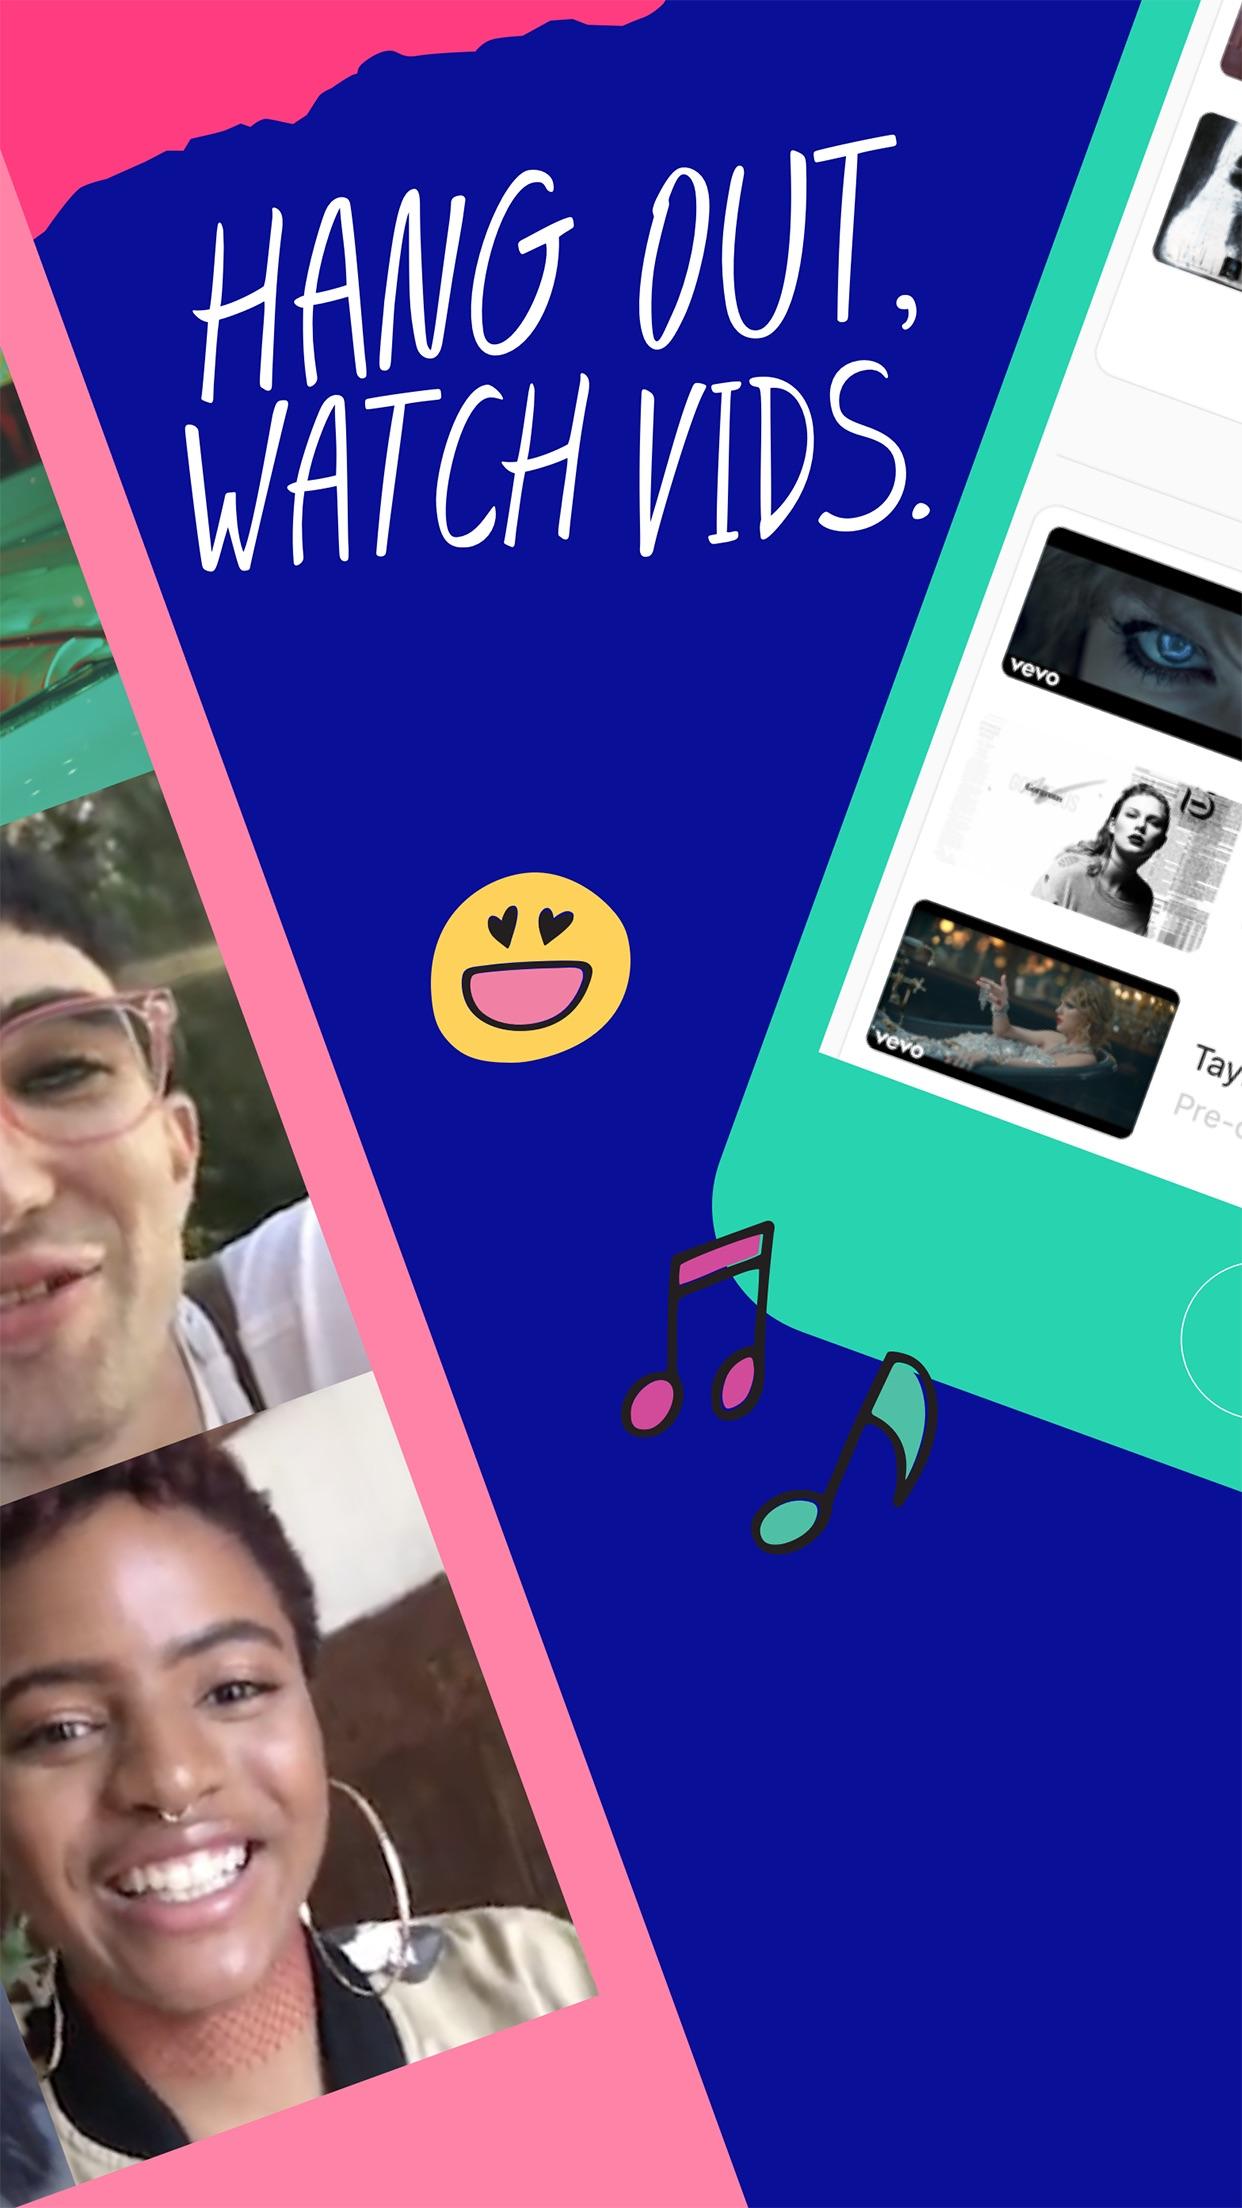 Airtime: Hang out. Watch vids. Screenshot